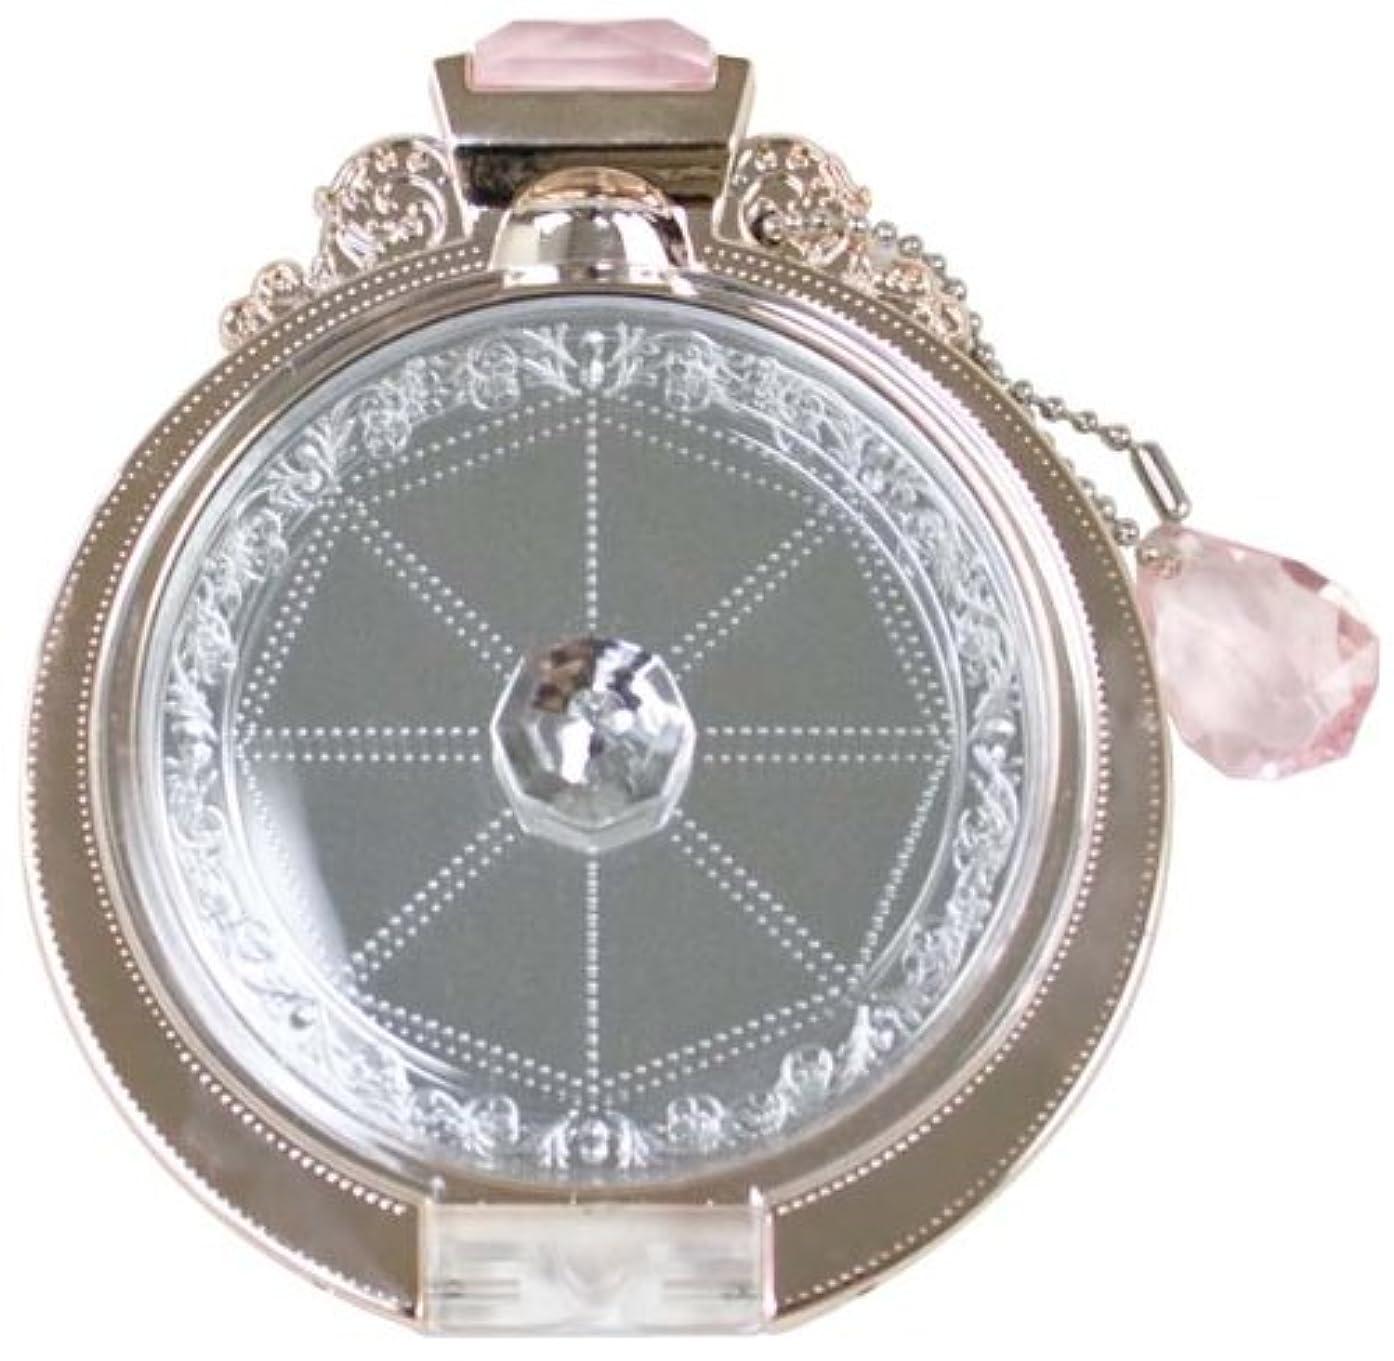 アフリカ人失速刺激するDiamond Ring compactmirror(PINK GOLD)YRG-800